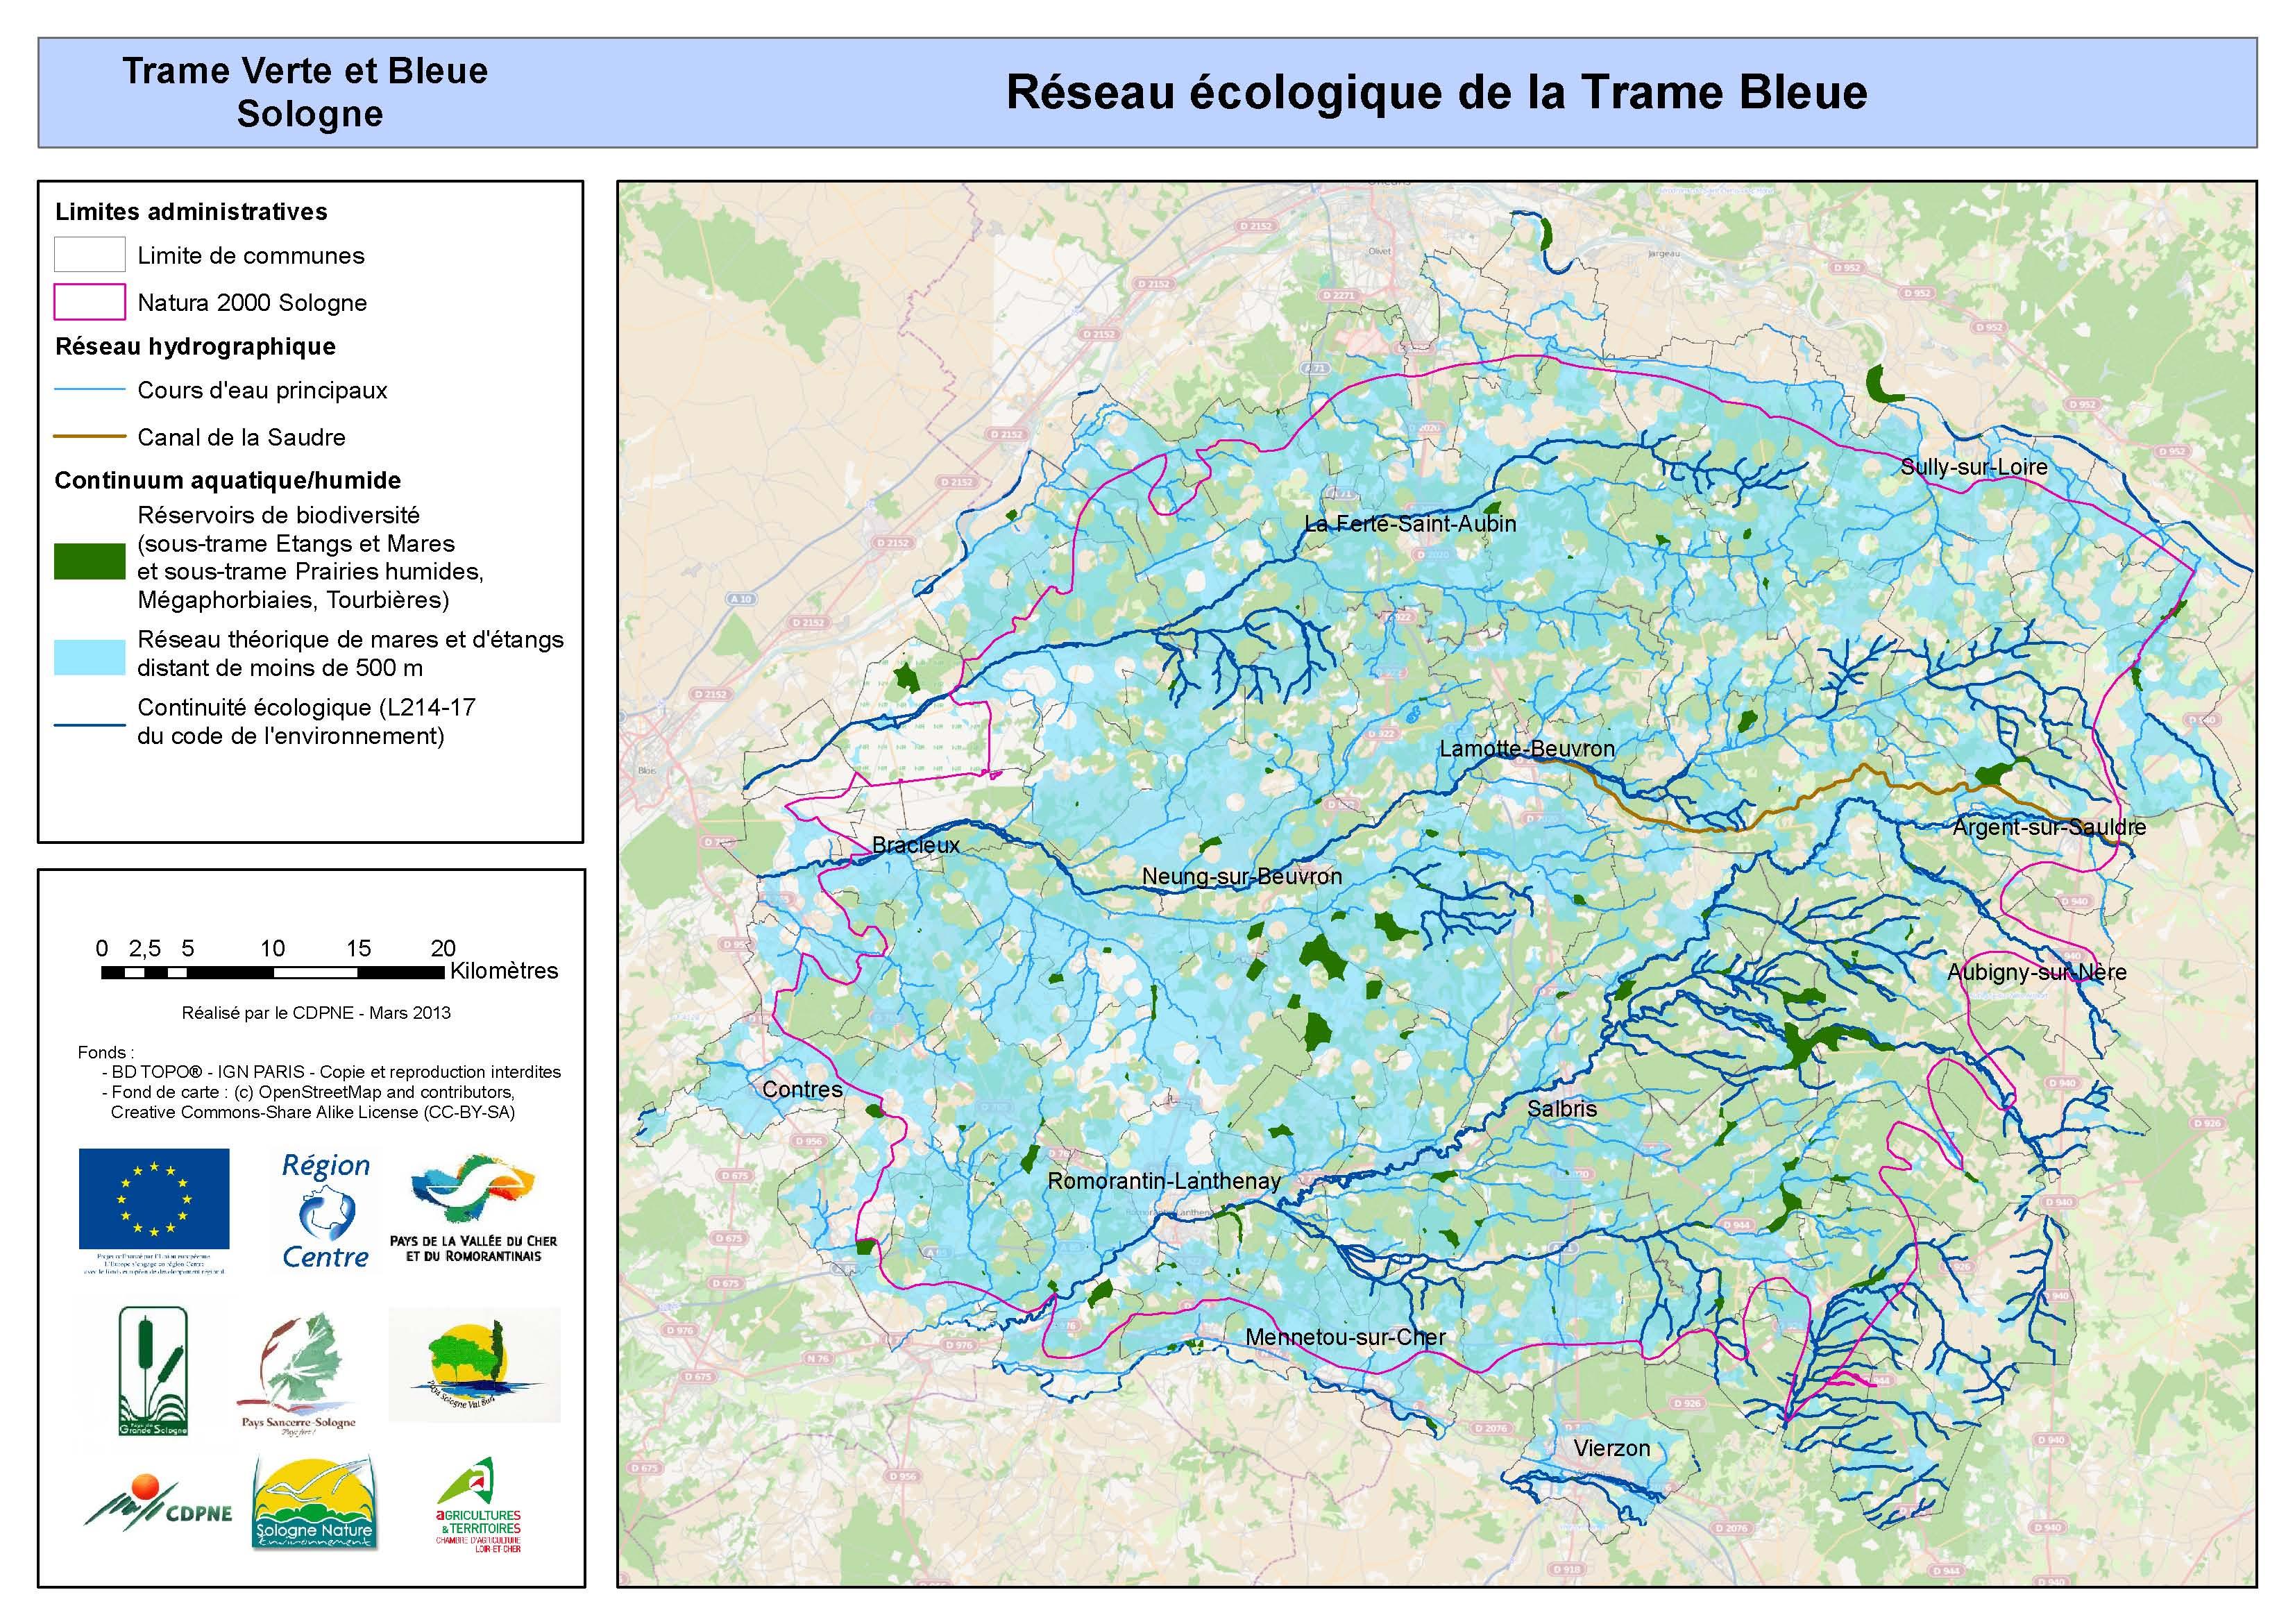 Réseau écologique Trame Bleue